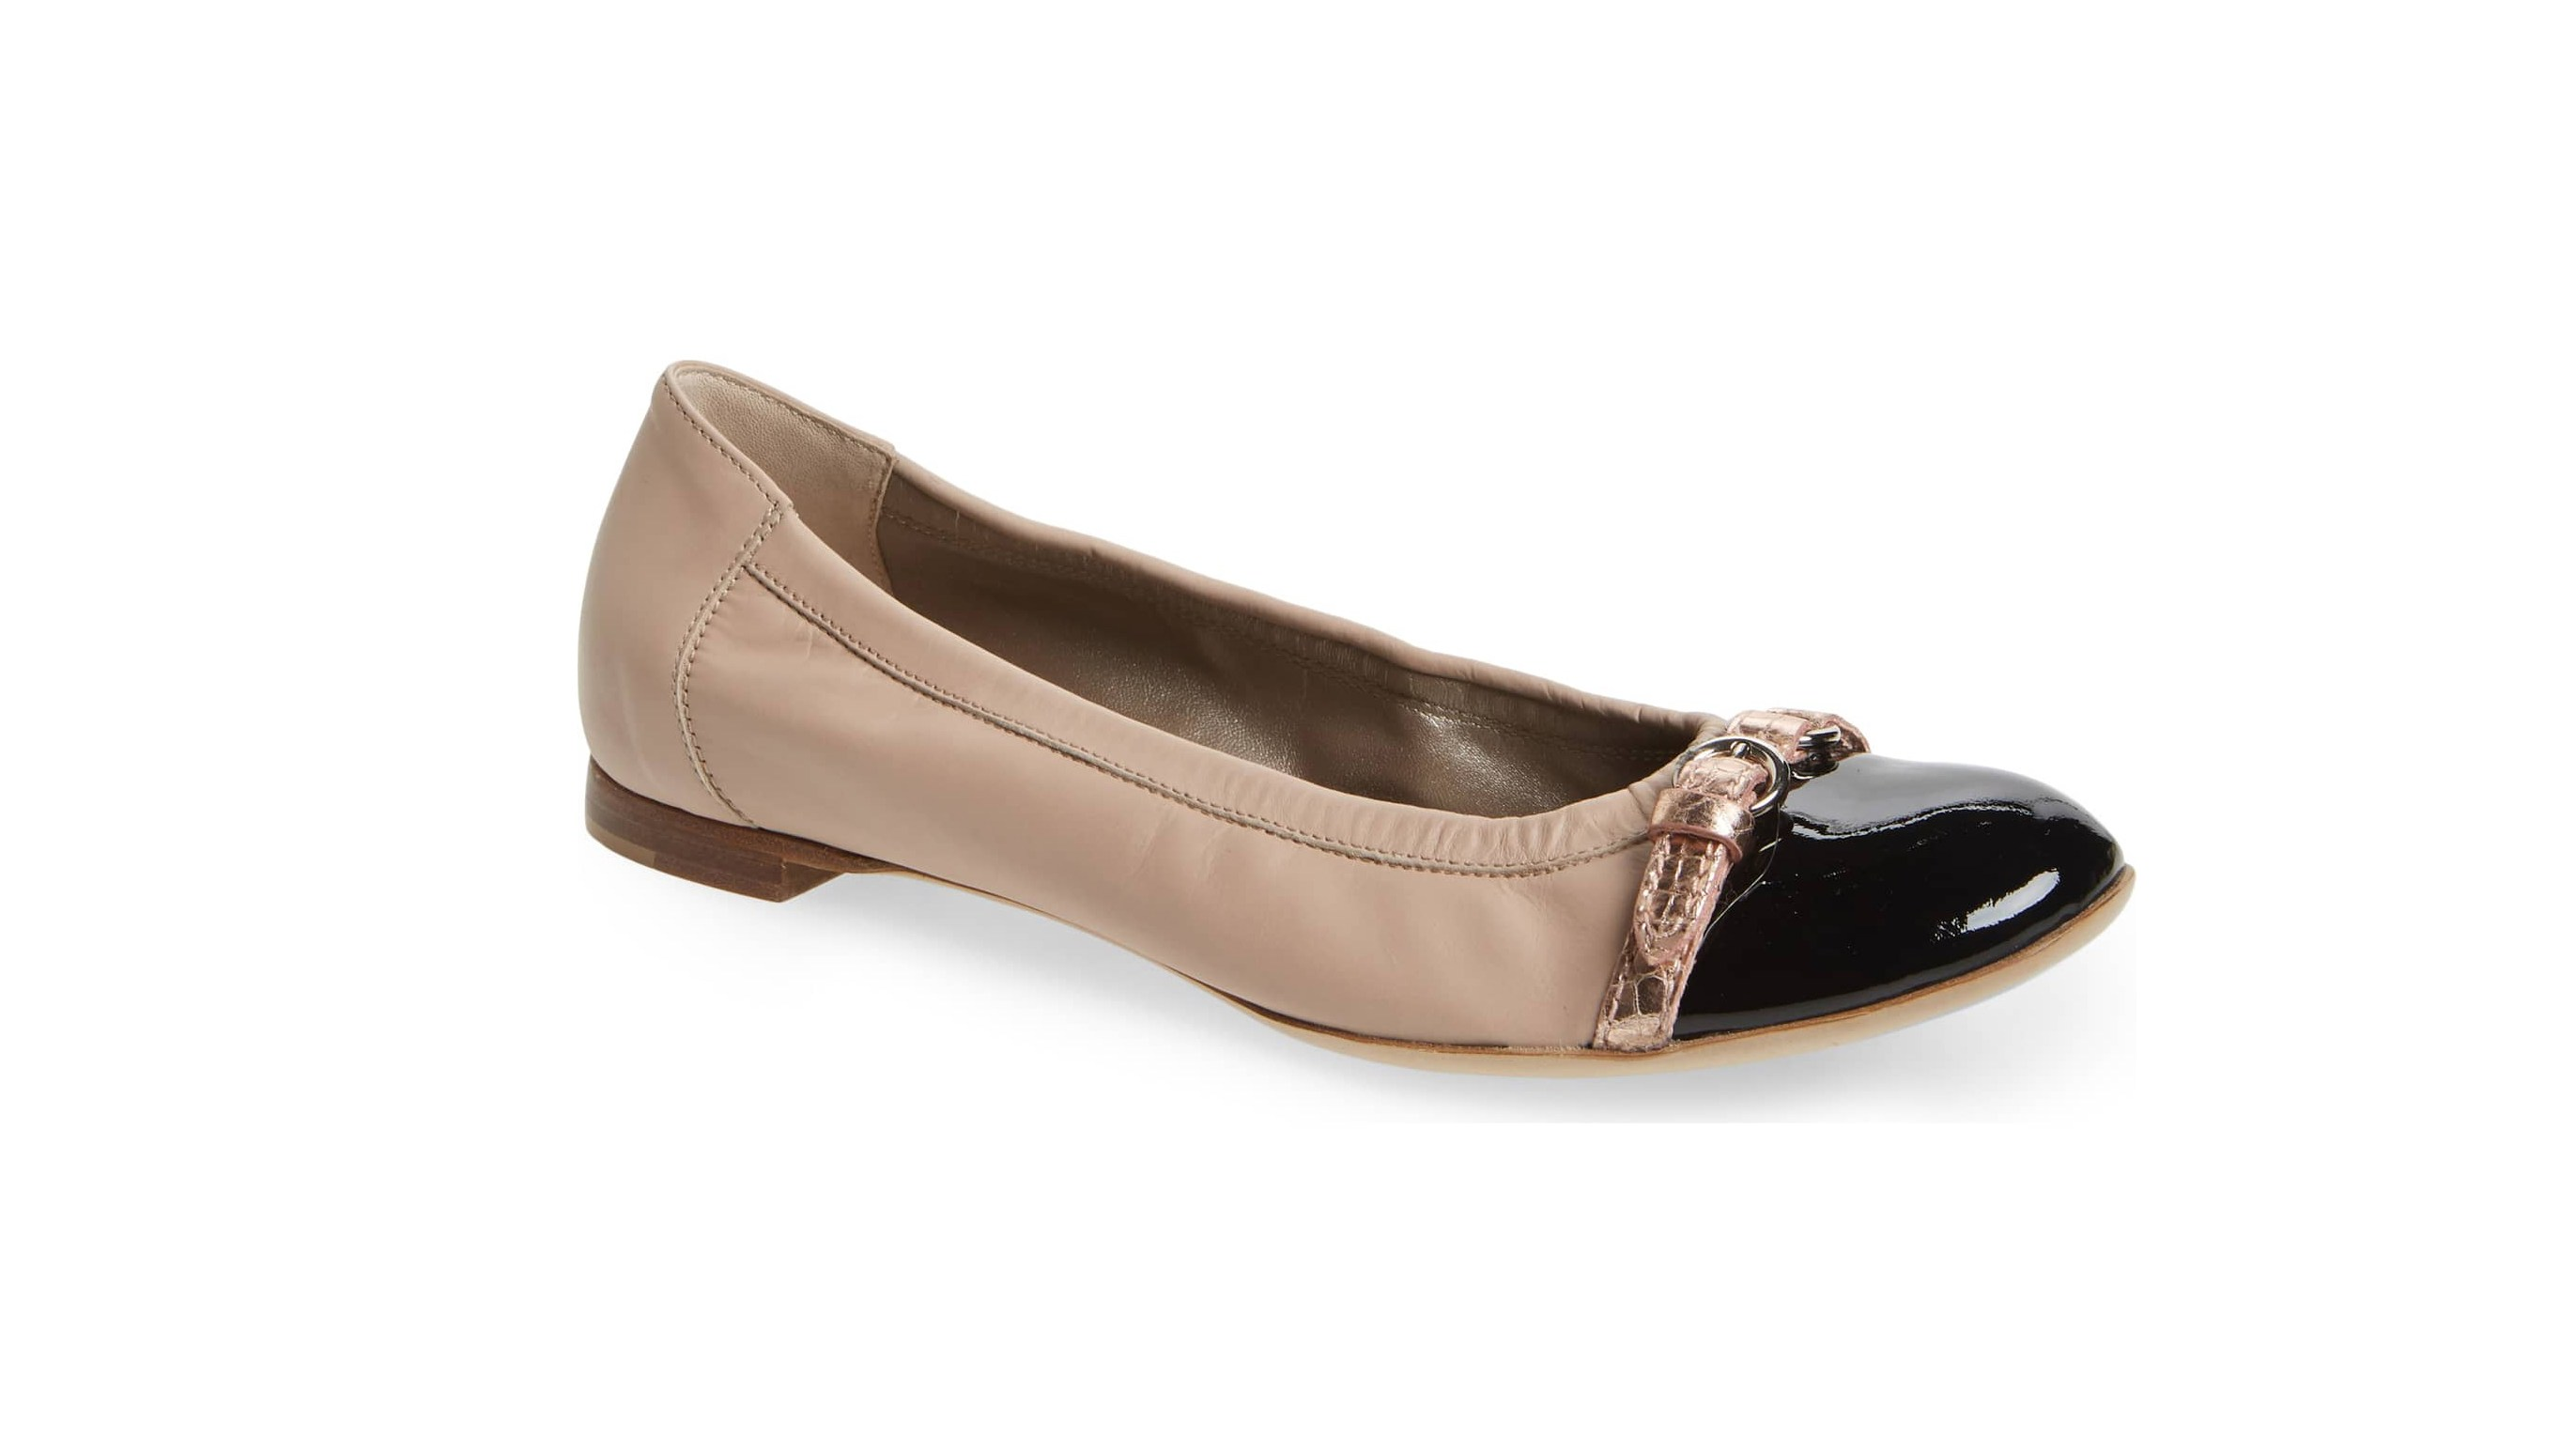 agl cap toe ballet flat